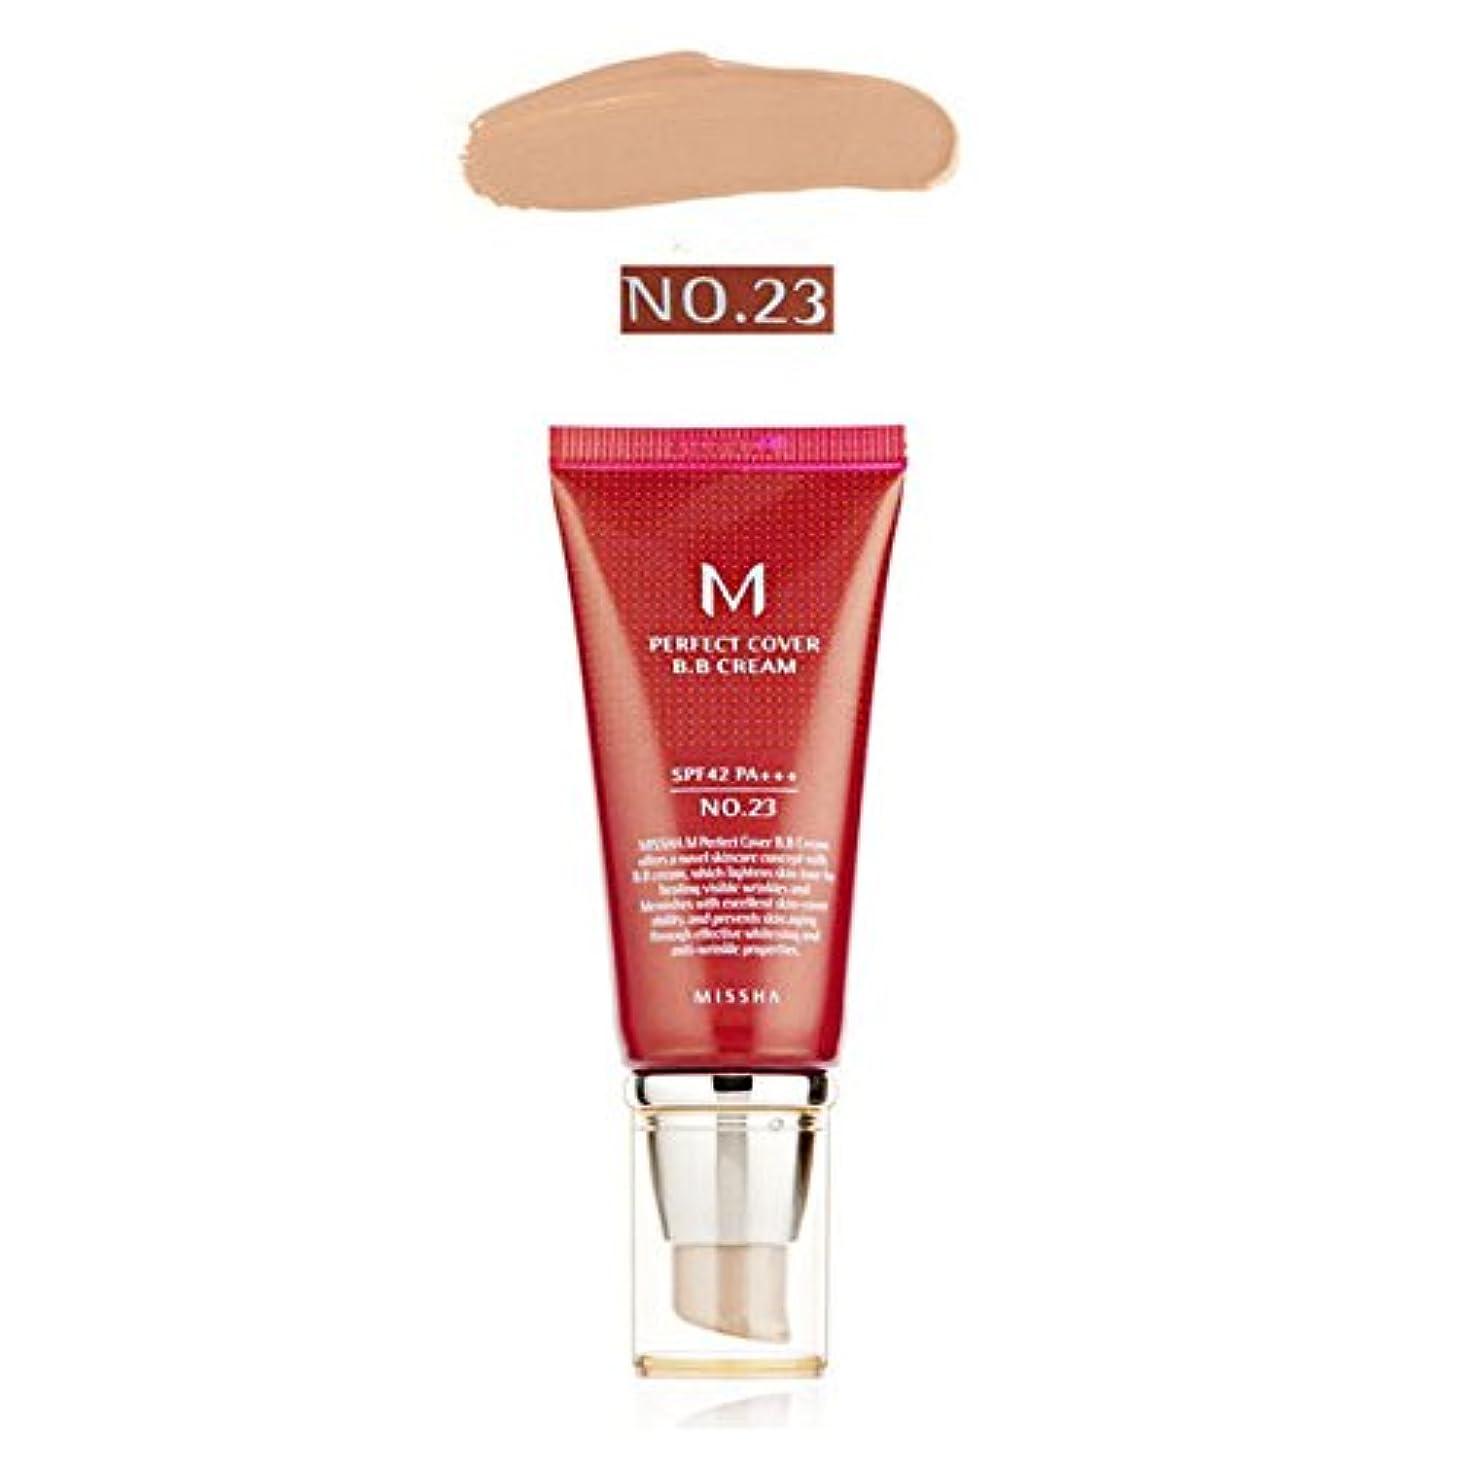 推定する暗くするノーブル[ミシャ] MISSHA [M パーフェクト カバー BBクリーム 21号 / 23号50ml] (M Perfect Cover BB cream 21号 / 23号 50ml) SPF42 PA+++ (Type2...